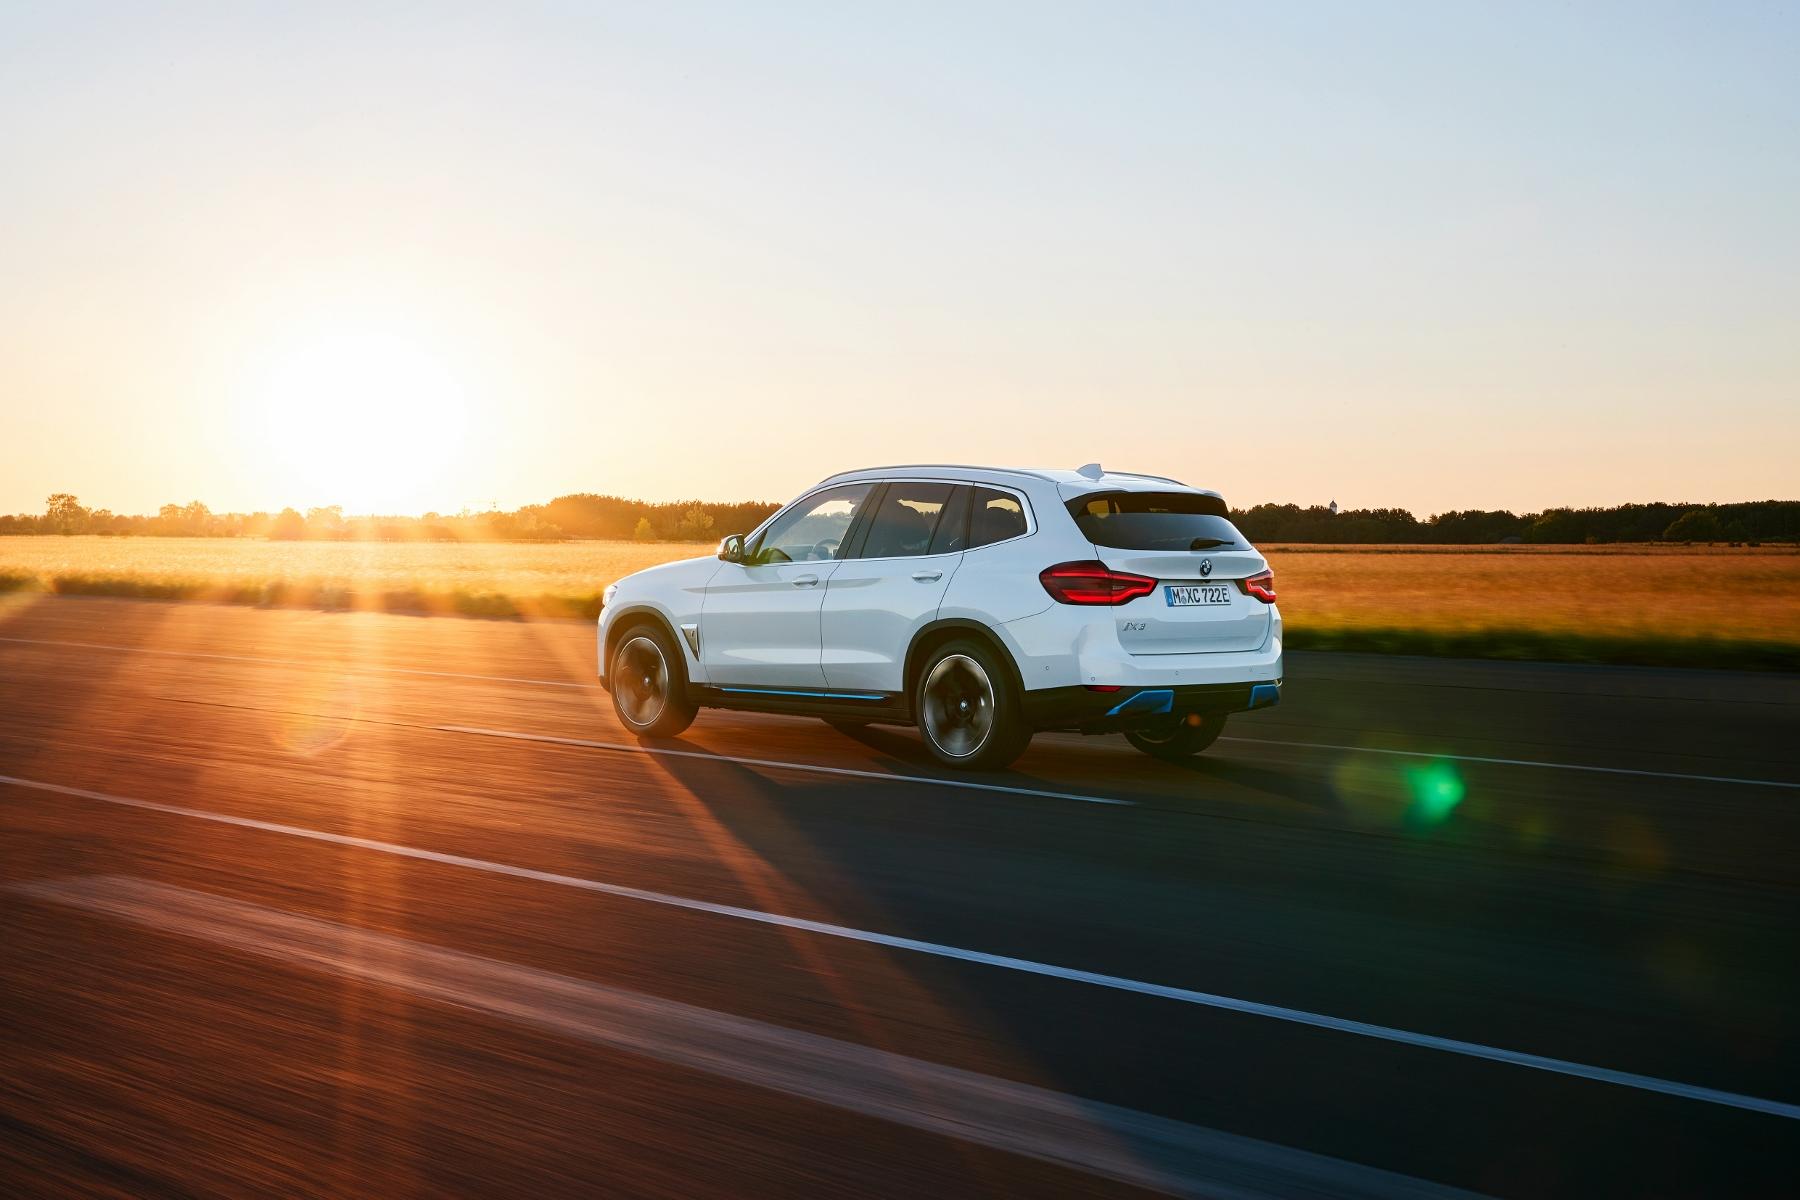 BMW ukázalo elektrické SUV iX3 s dojazdom 459 km RdgwJH0IQW bmw-ix3-2